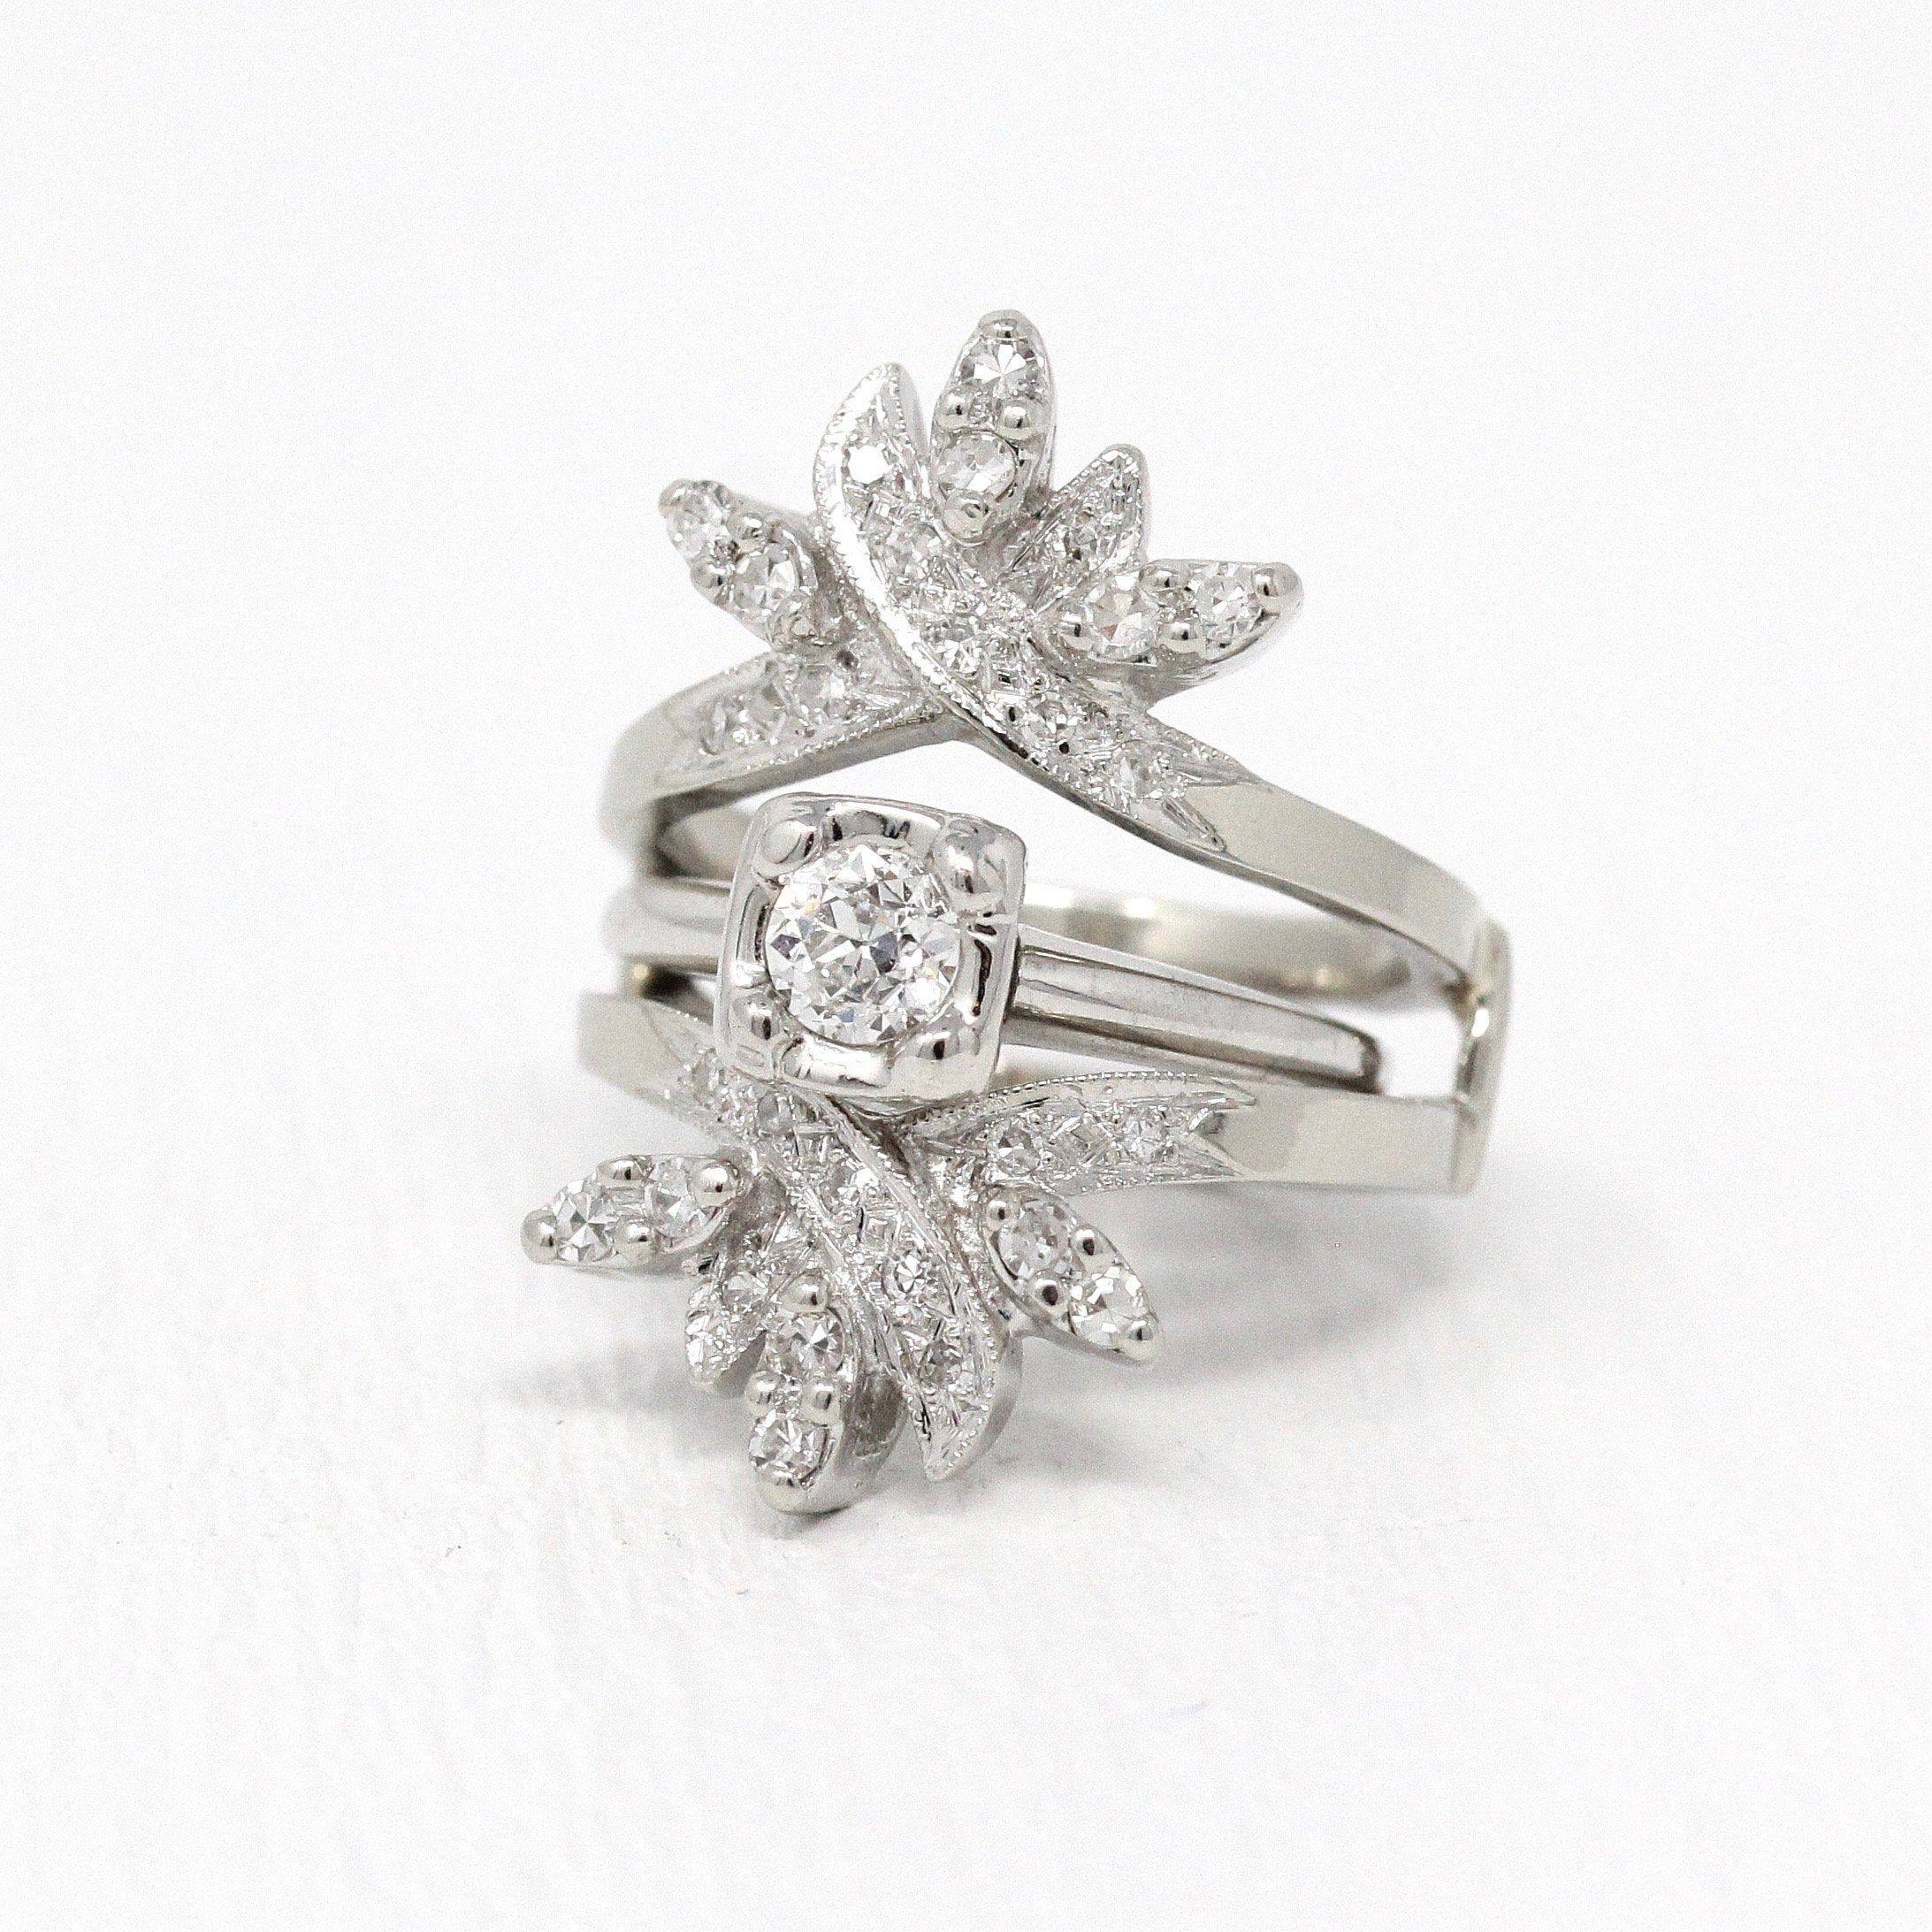 Diamond Wedding Jacket Vintage 14k White Gold Engagement